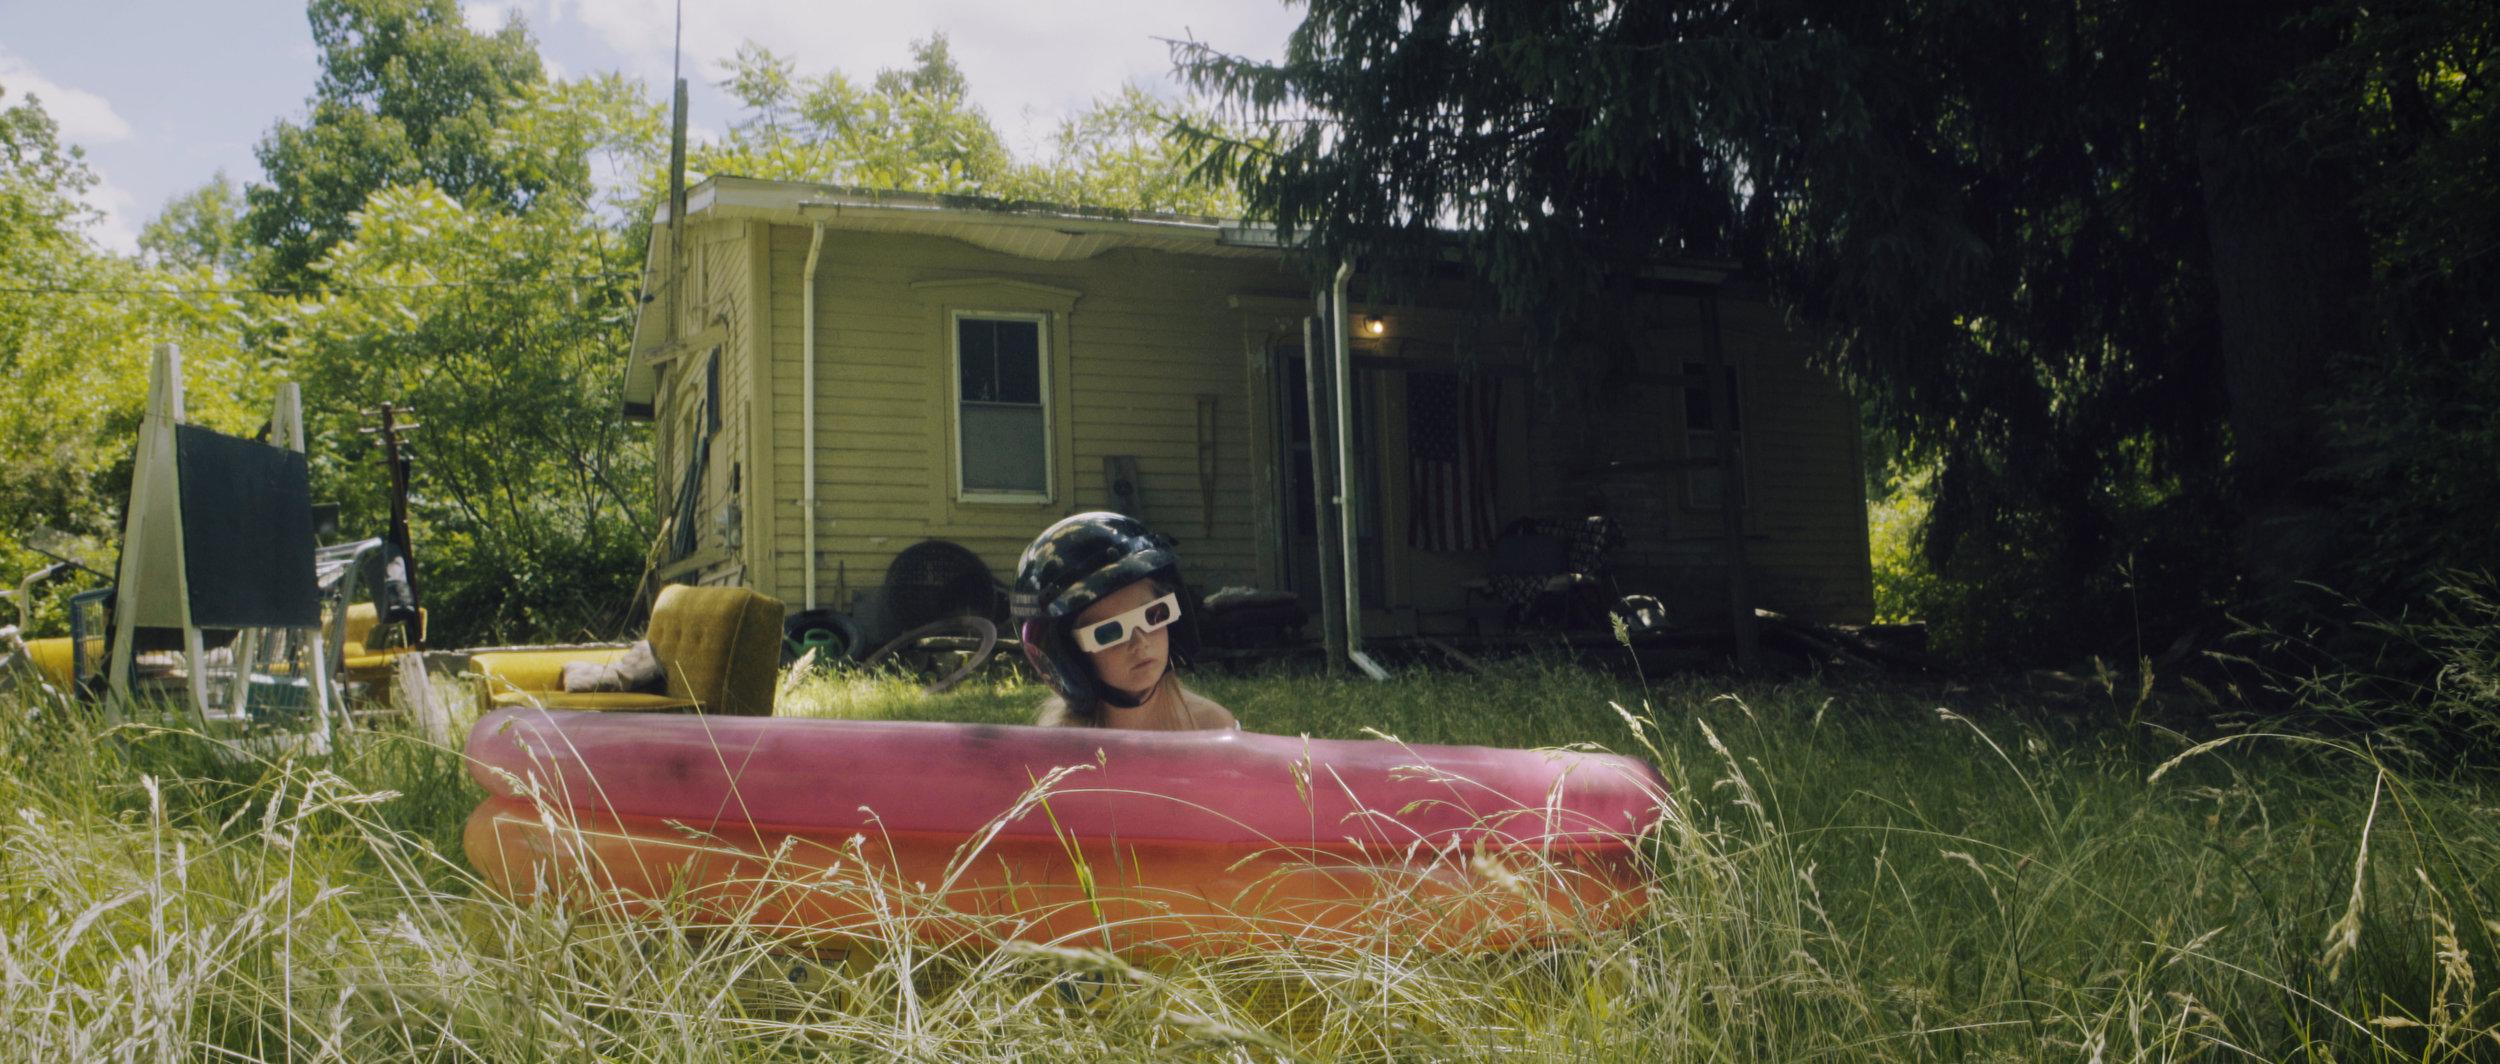 Joy Ride still 01.jpg